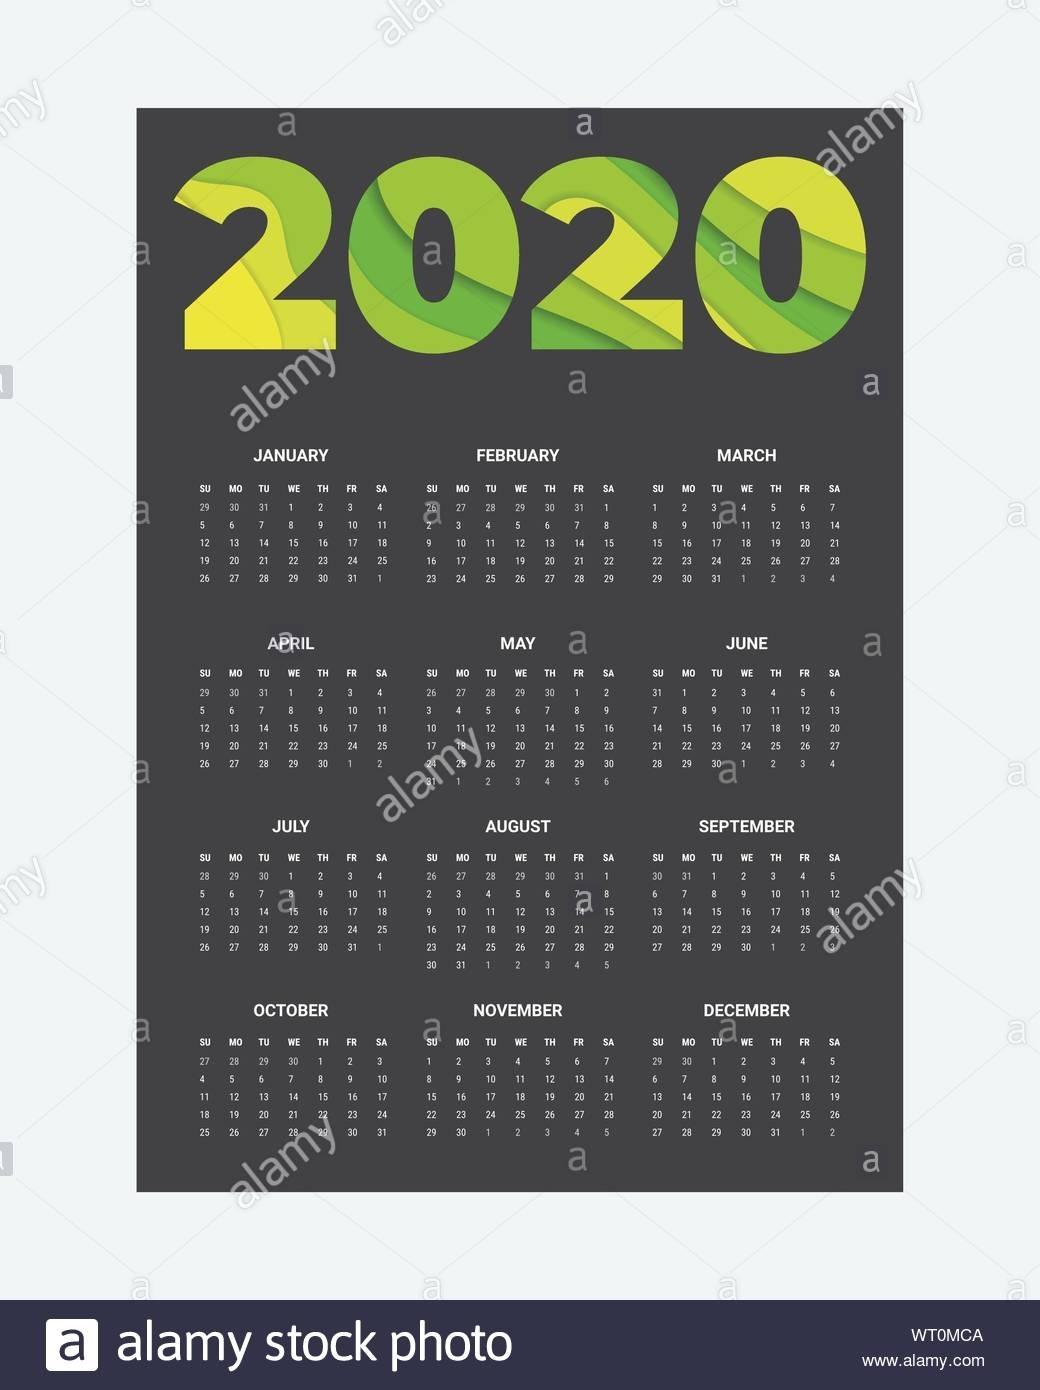 2020 Calendar - Illustration. Template. Mock Up Week Starts